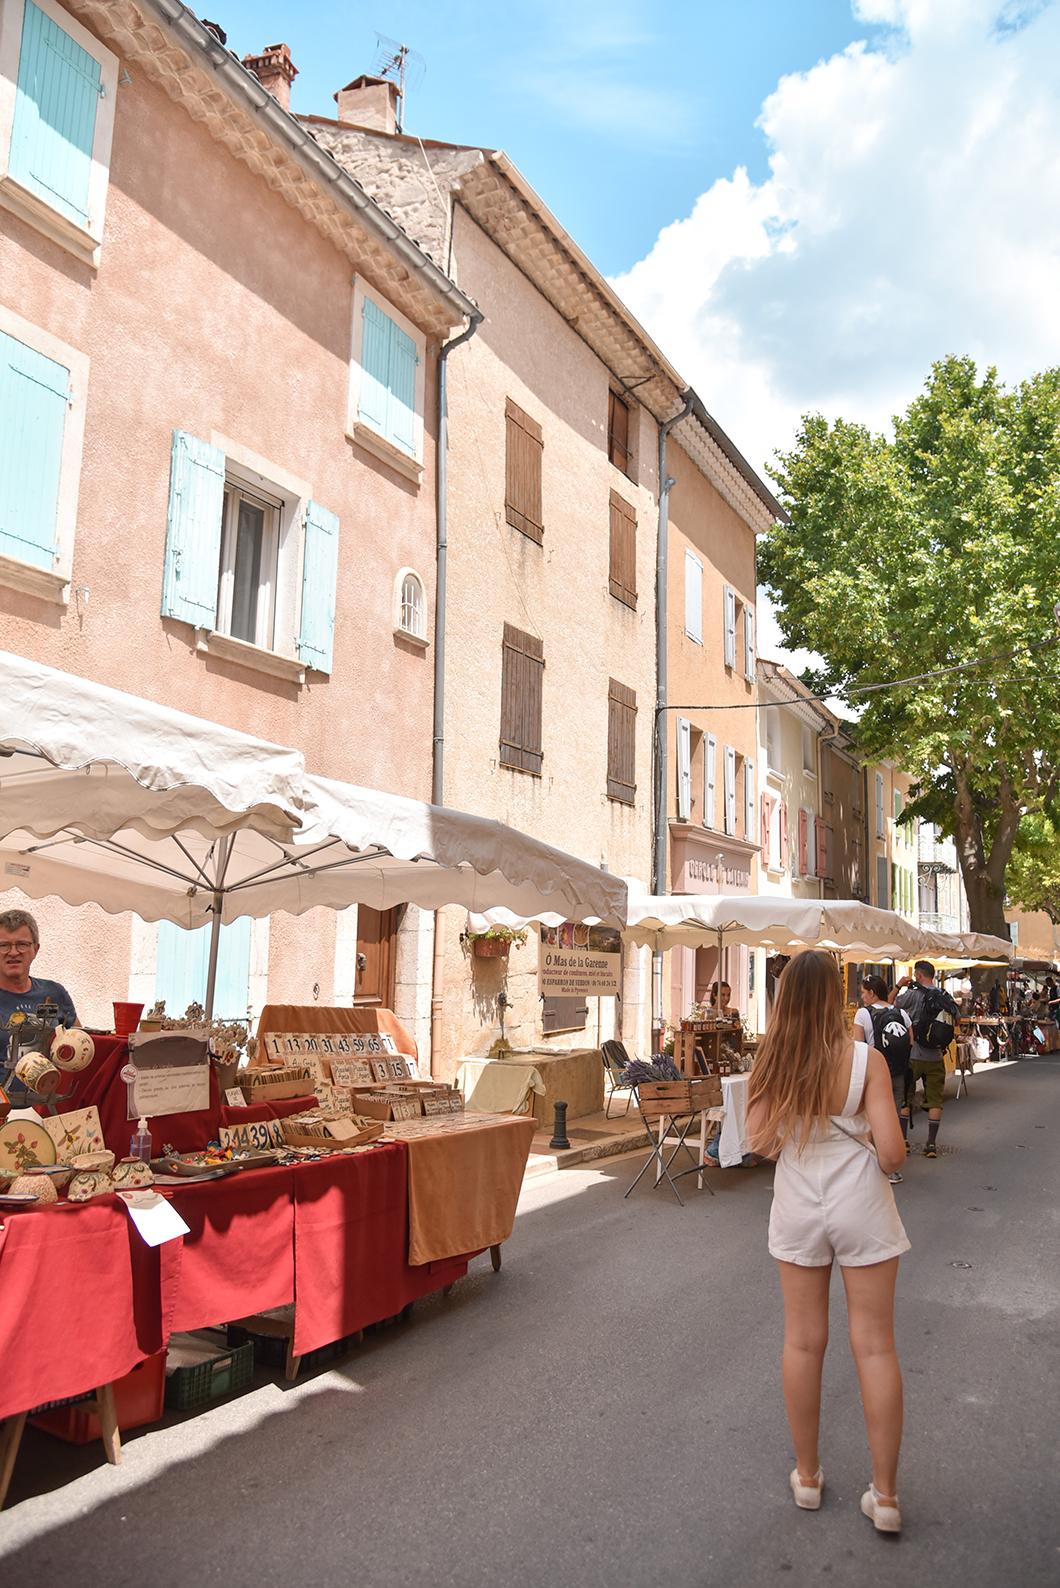 Découvrir les marchés provençaux, incontournable à visiter dans les Gorges du Verdon